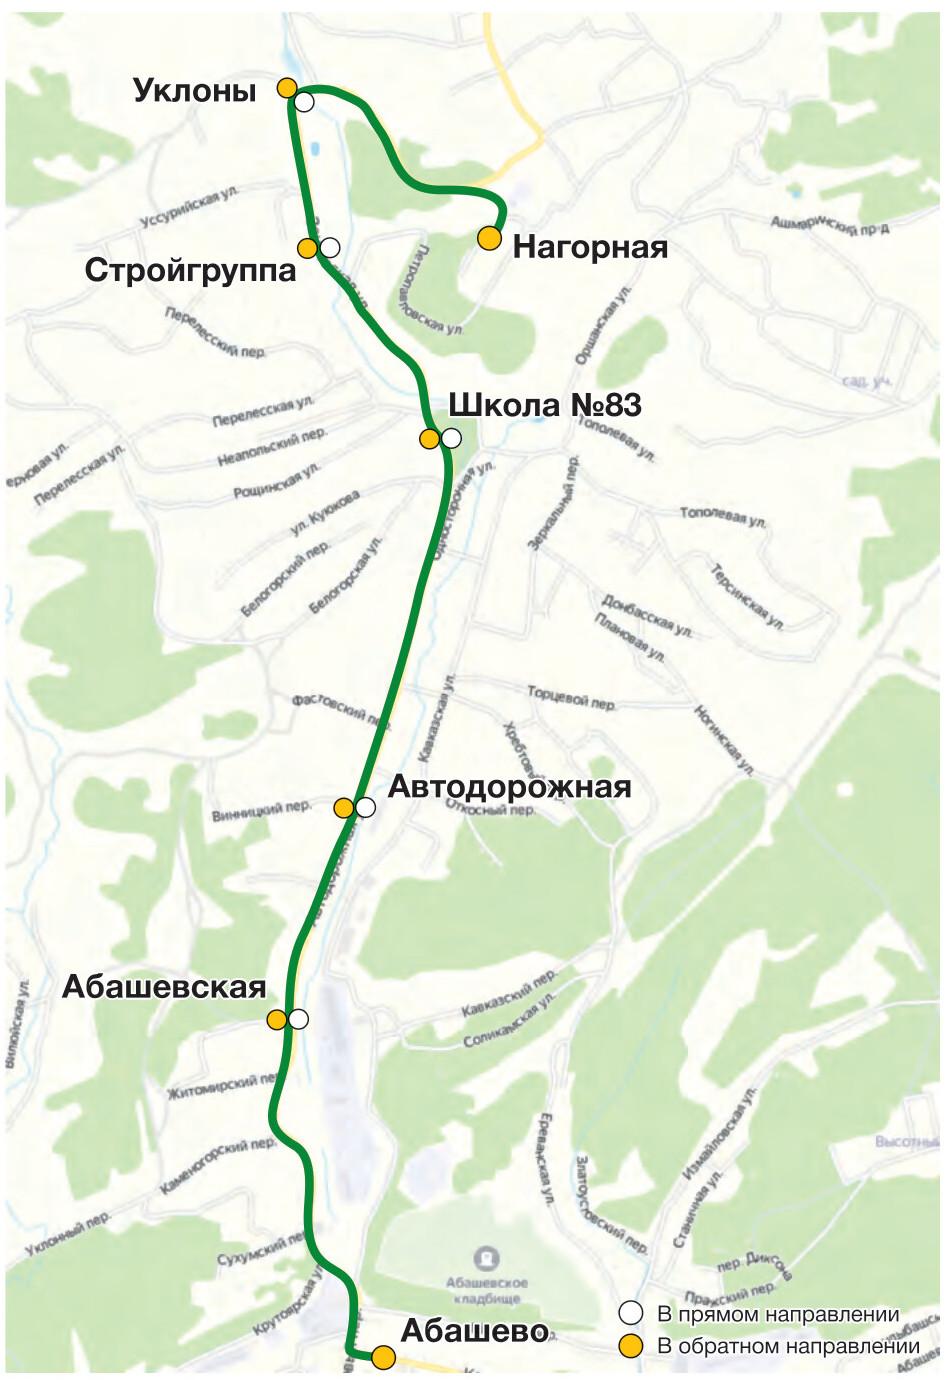 Автобус №2 АБАШЕВО - Ш. НАГОРНАЯ | Расписание и маршрут движения